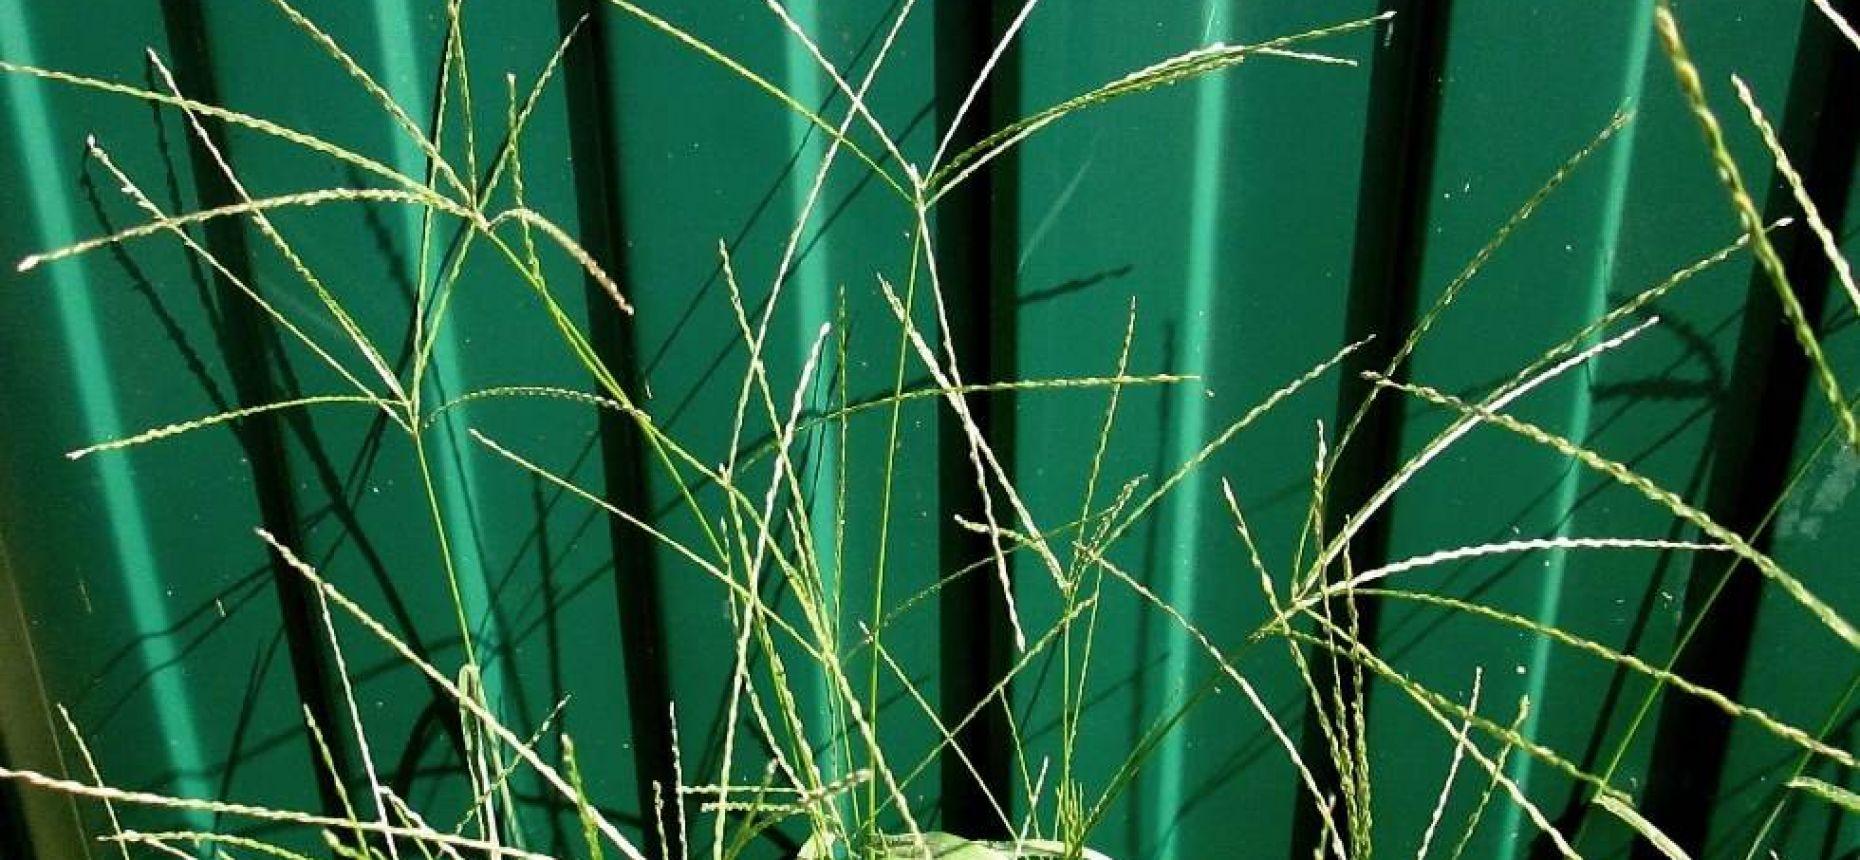 Digitaria sanguinalis (L.) Scop. - Росичка кроваво-красная